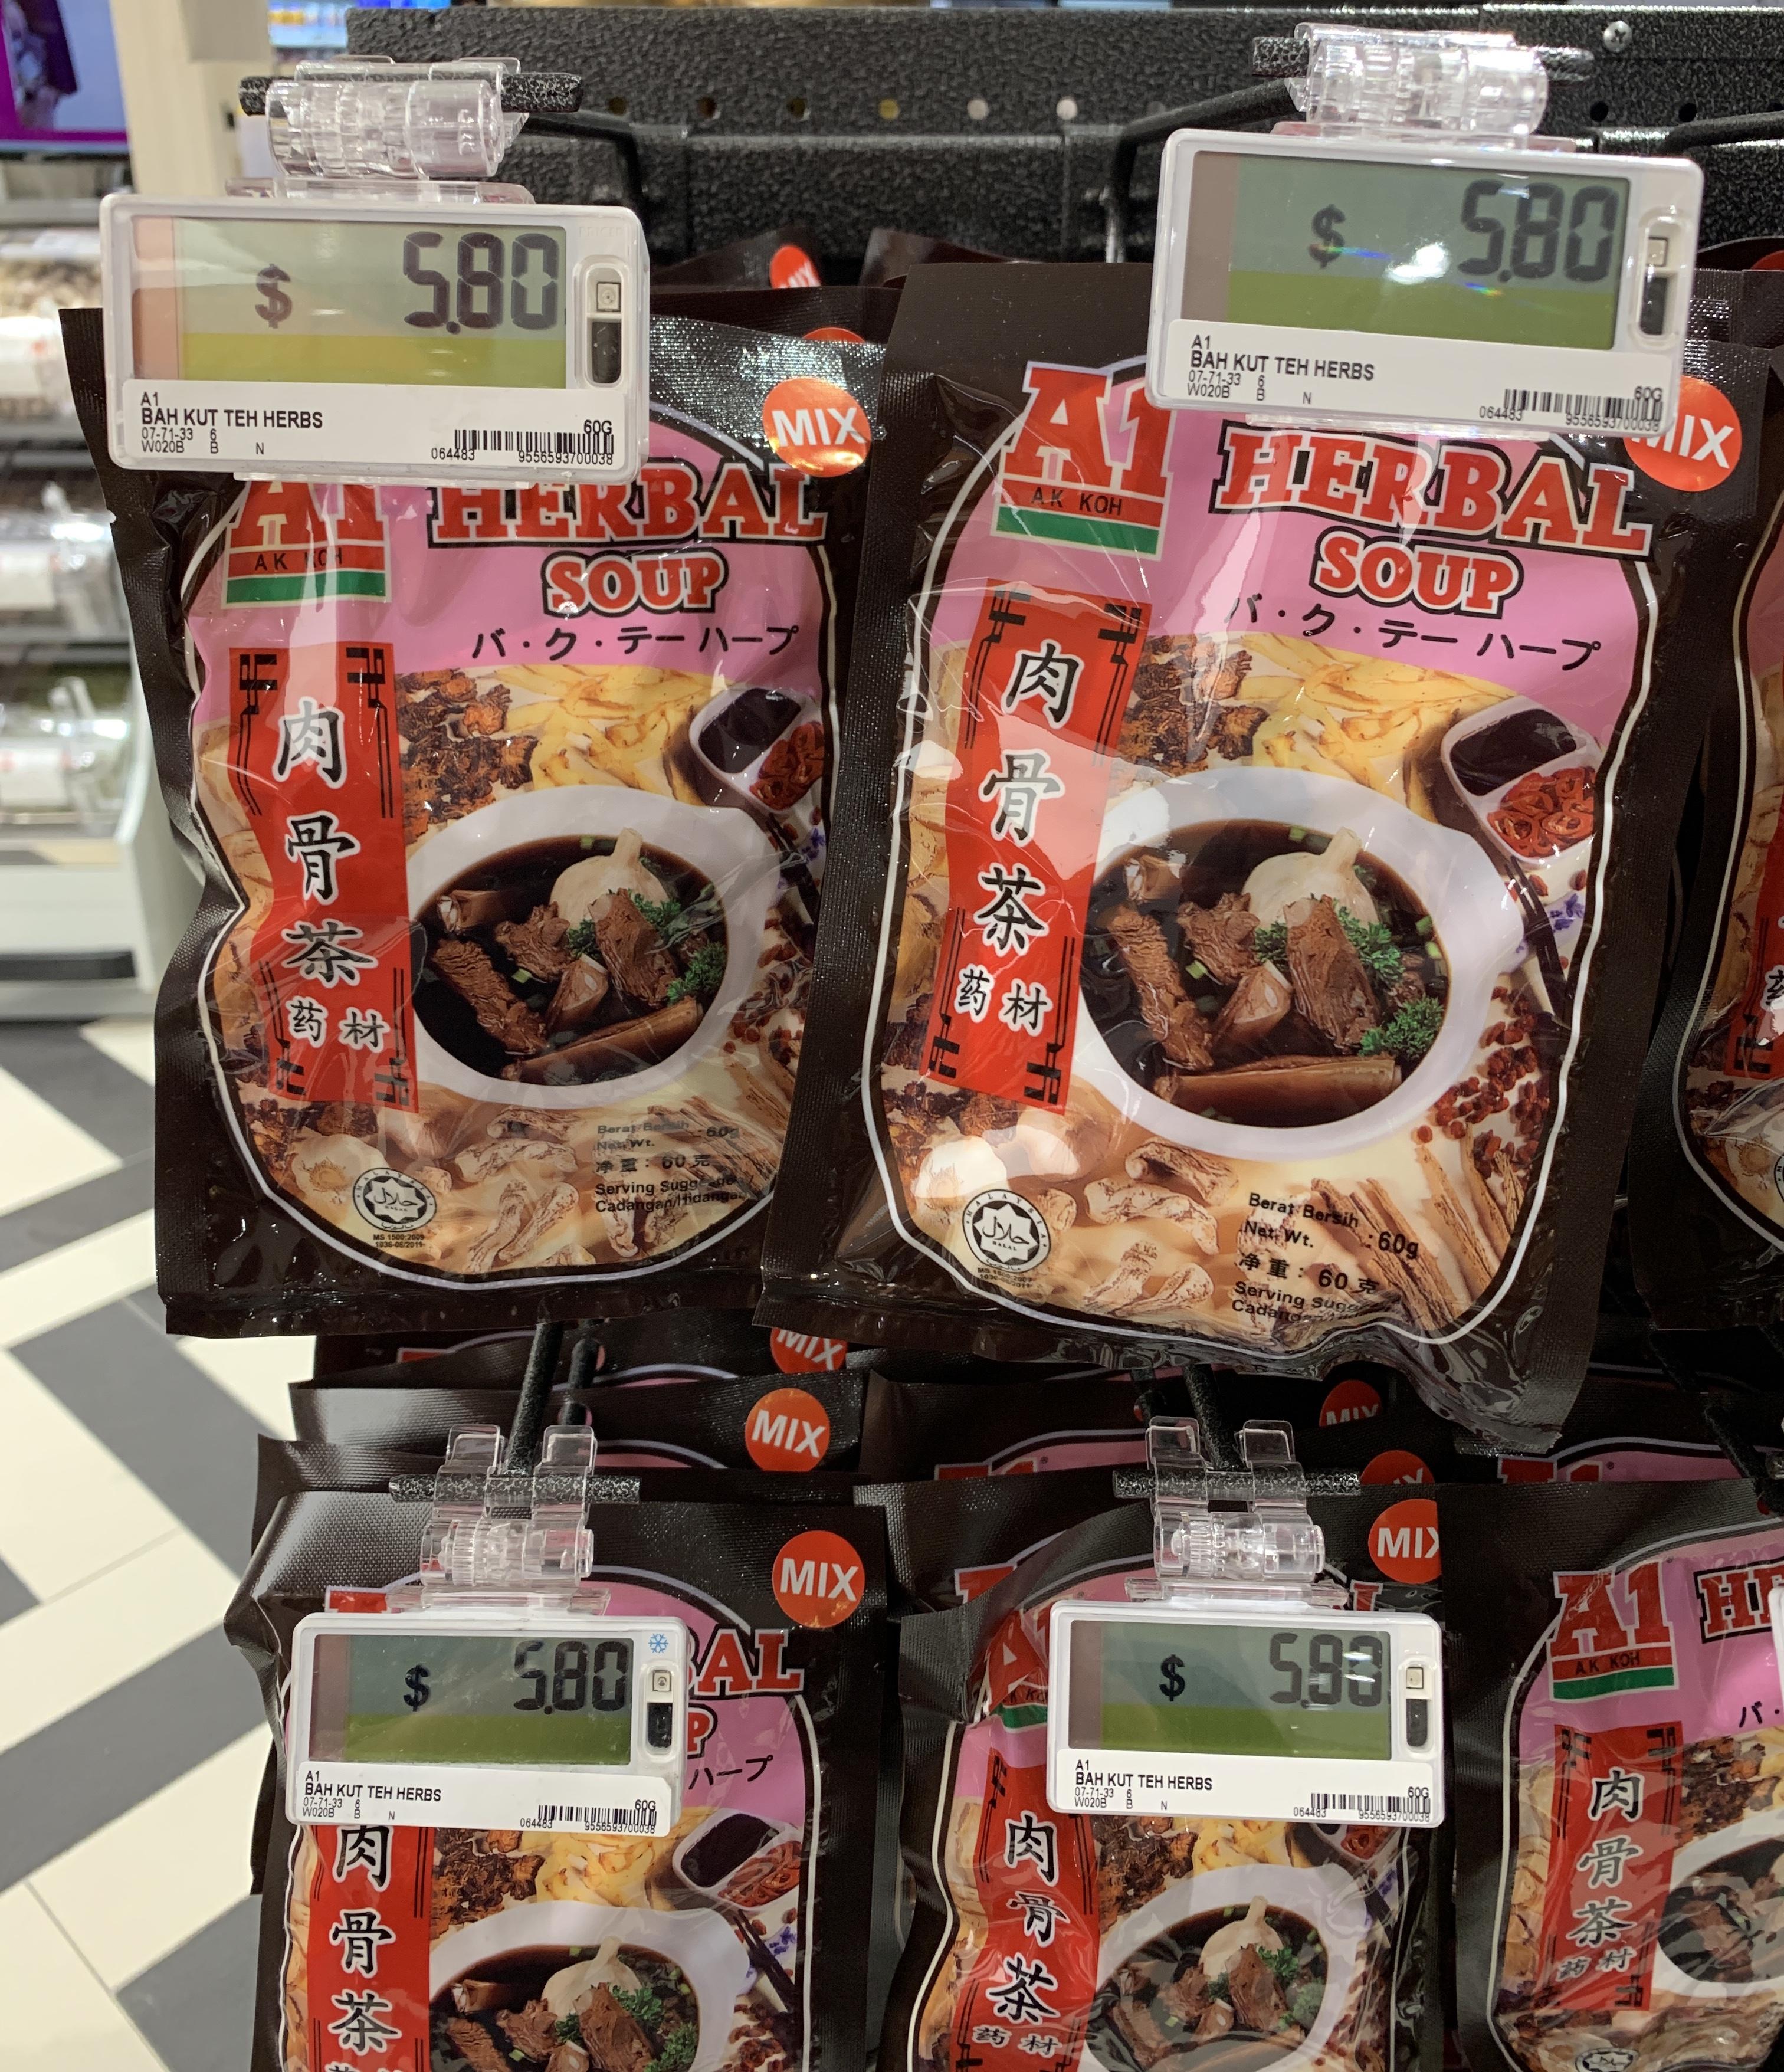 便利!スーパーマーケット【ジェイソンズデリ / Jasons Deli】@マリーナベイサンズ